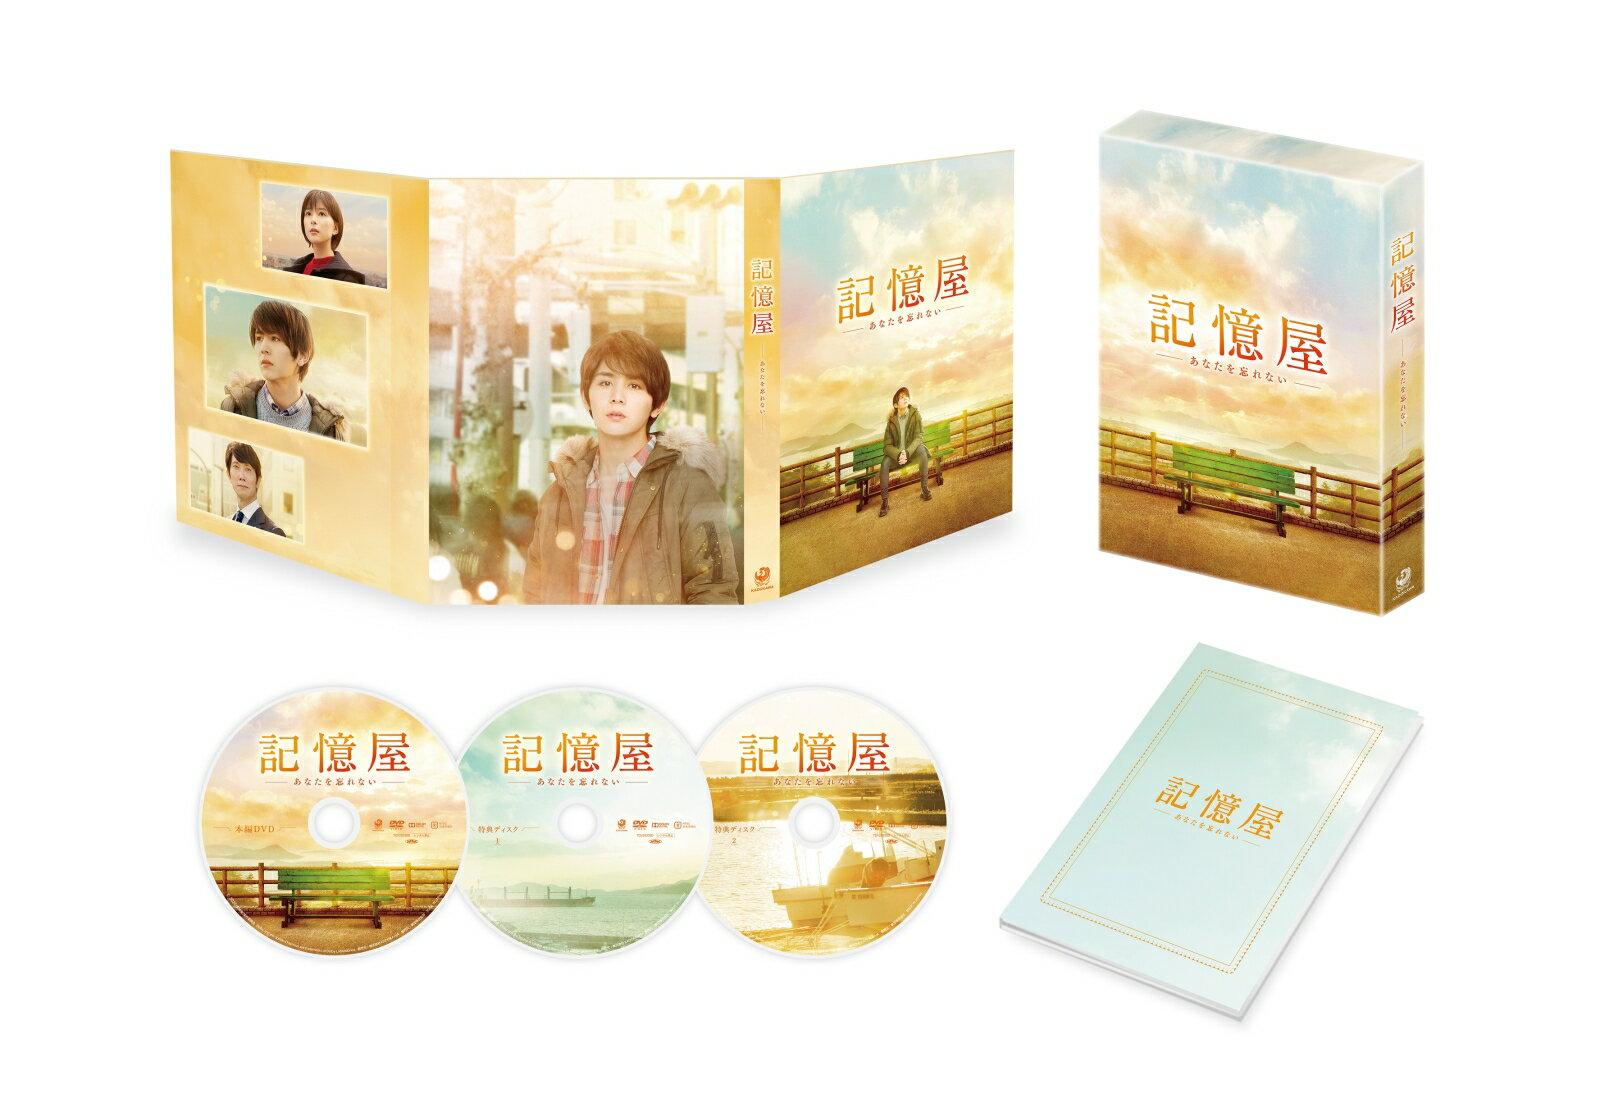 記憶屋 あなたを忘れない DVD豪華版(特典DVD2枚付)